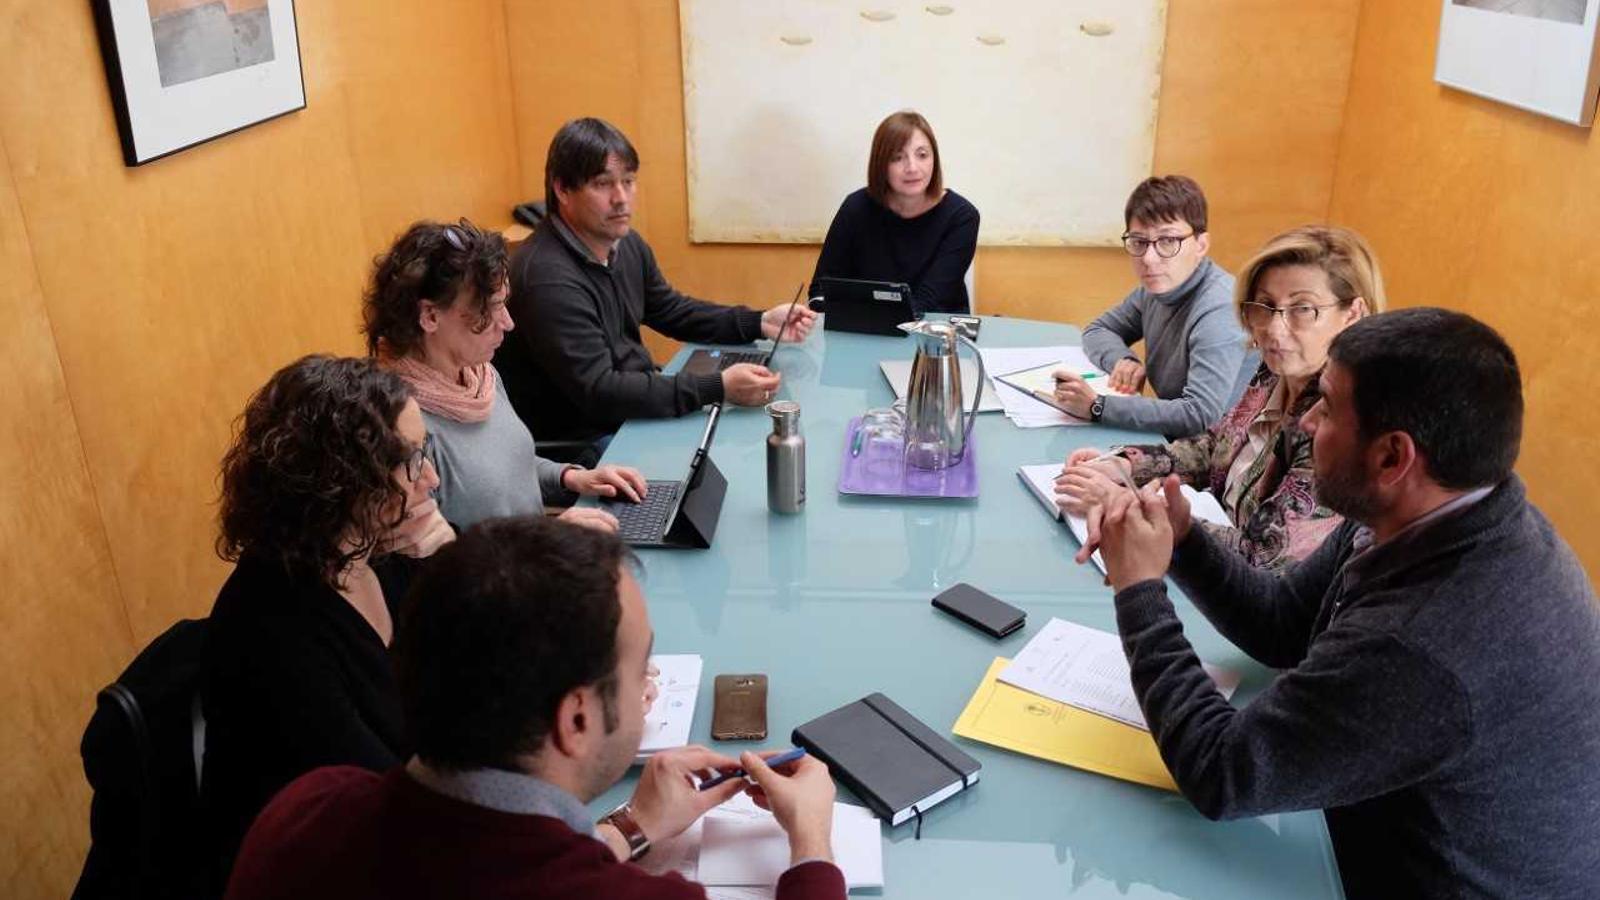 Representants del Consell i dels consistoris menorquins han compartit opinions per millorar la imatge de Menorca com a destí turístic.